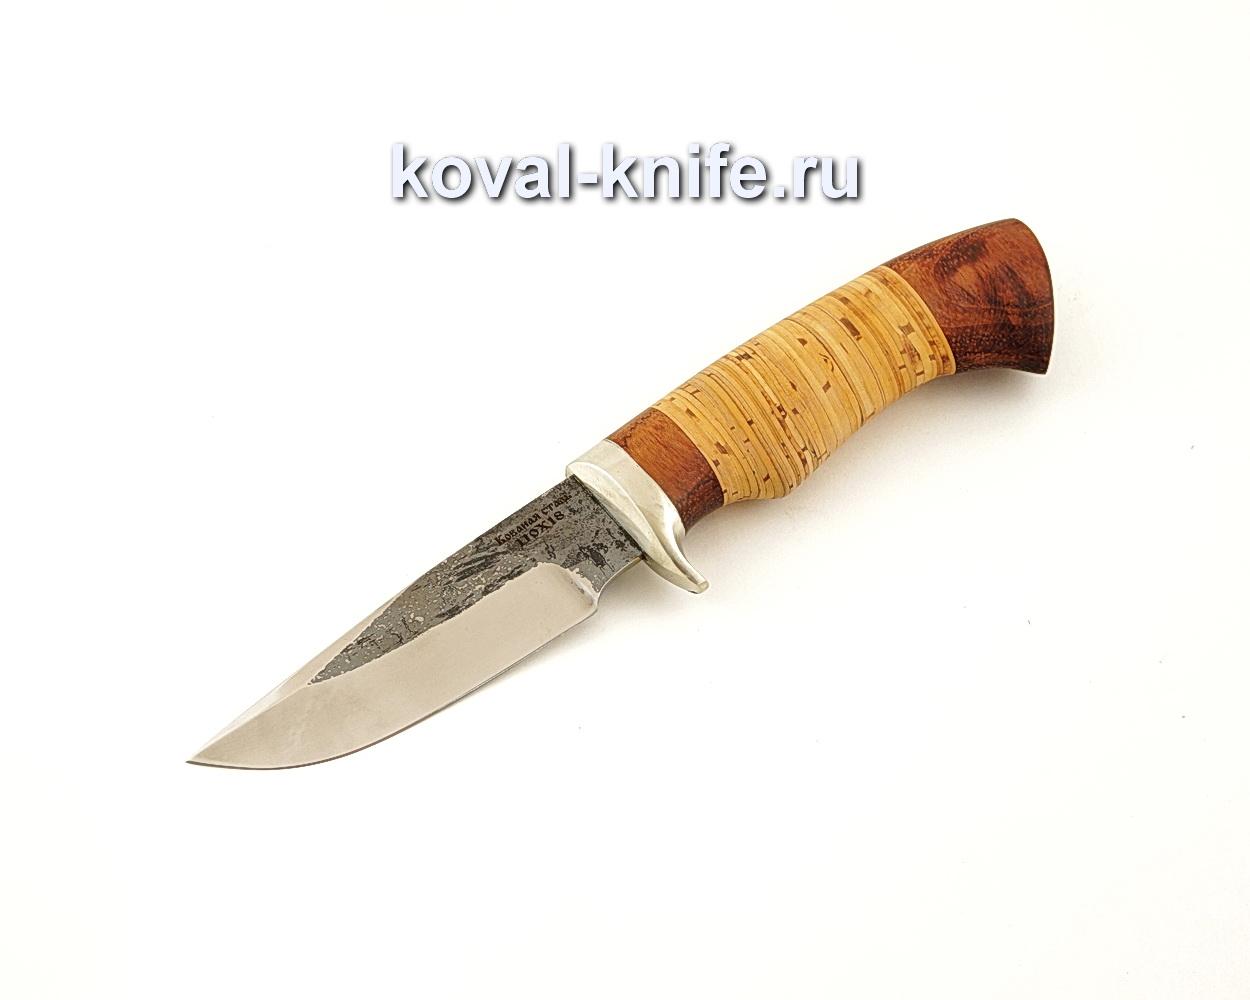 Нож Норвег из кованой стали 110Х18 с рукоятью из бересты  A631